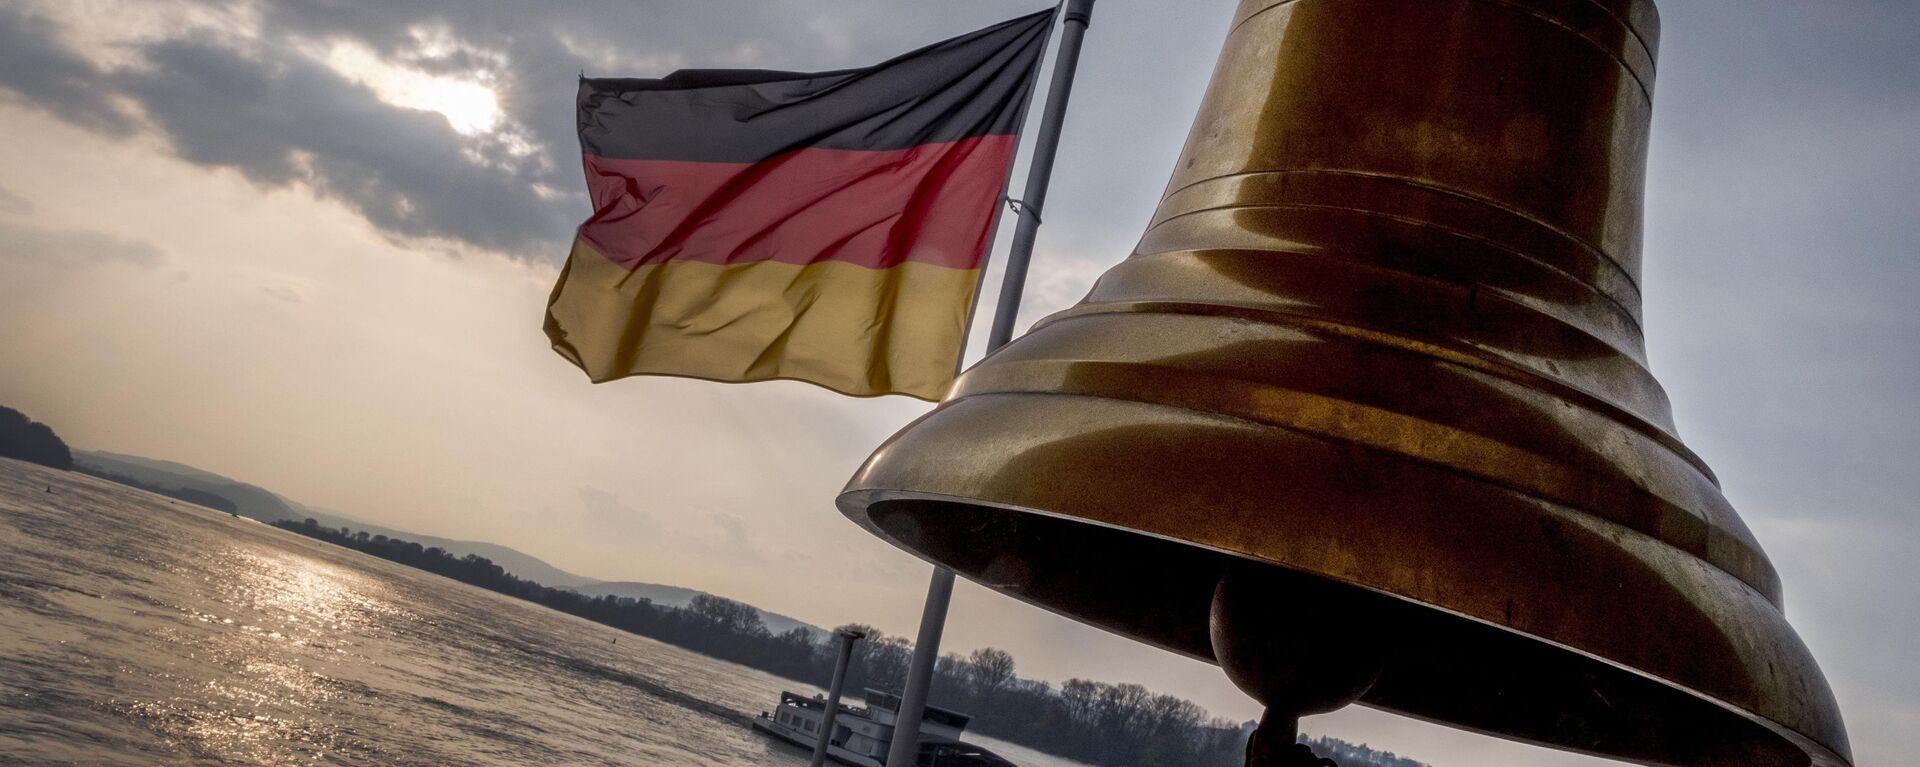 Nemačka zastava na gornjoj palubi malog trajekta na reci Rajni u blizini Ruedešejma u Nemačkoj - Sputnik Srbija, 1920, 20.09.2021